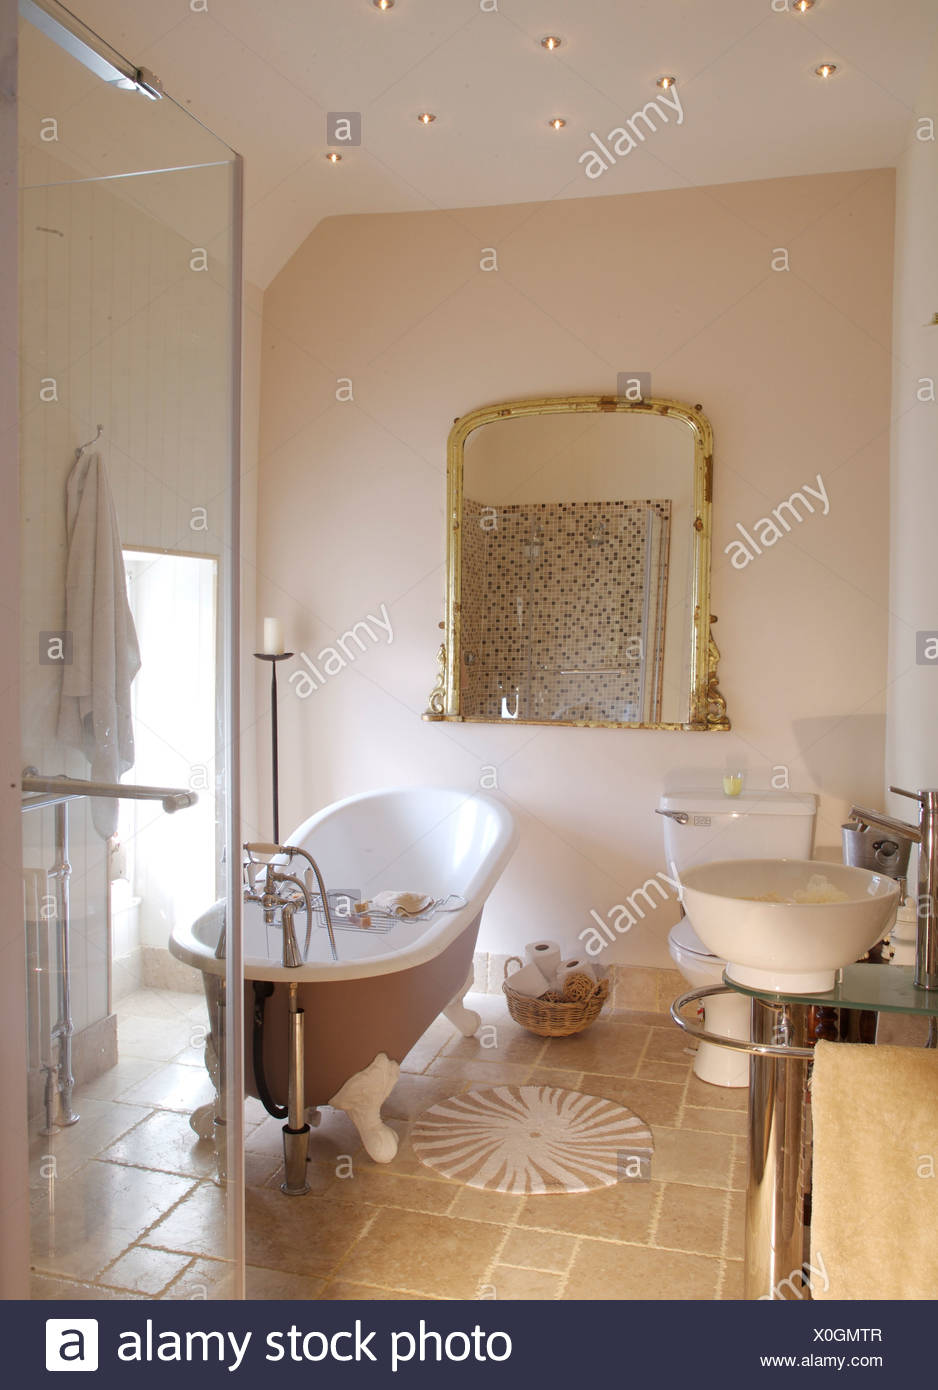 Roll top bagno e grande vetro cabina doccia nel bagno moderno con grande specchio antico e - Bagno con doccia ...